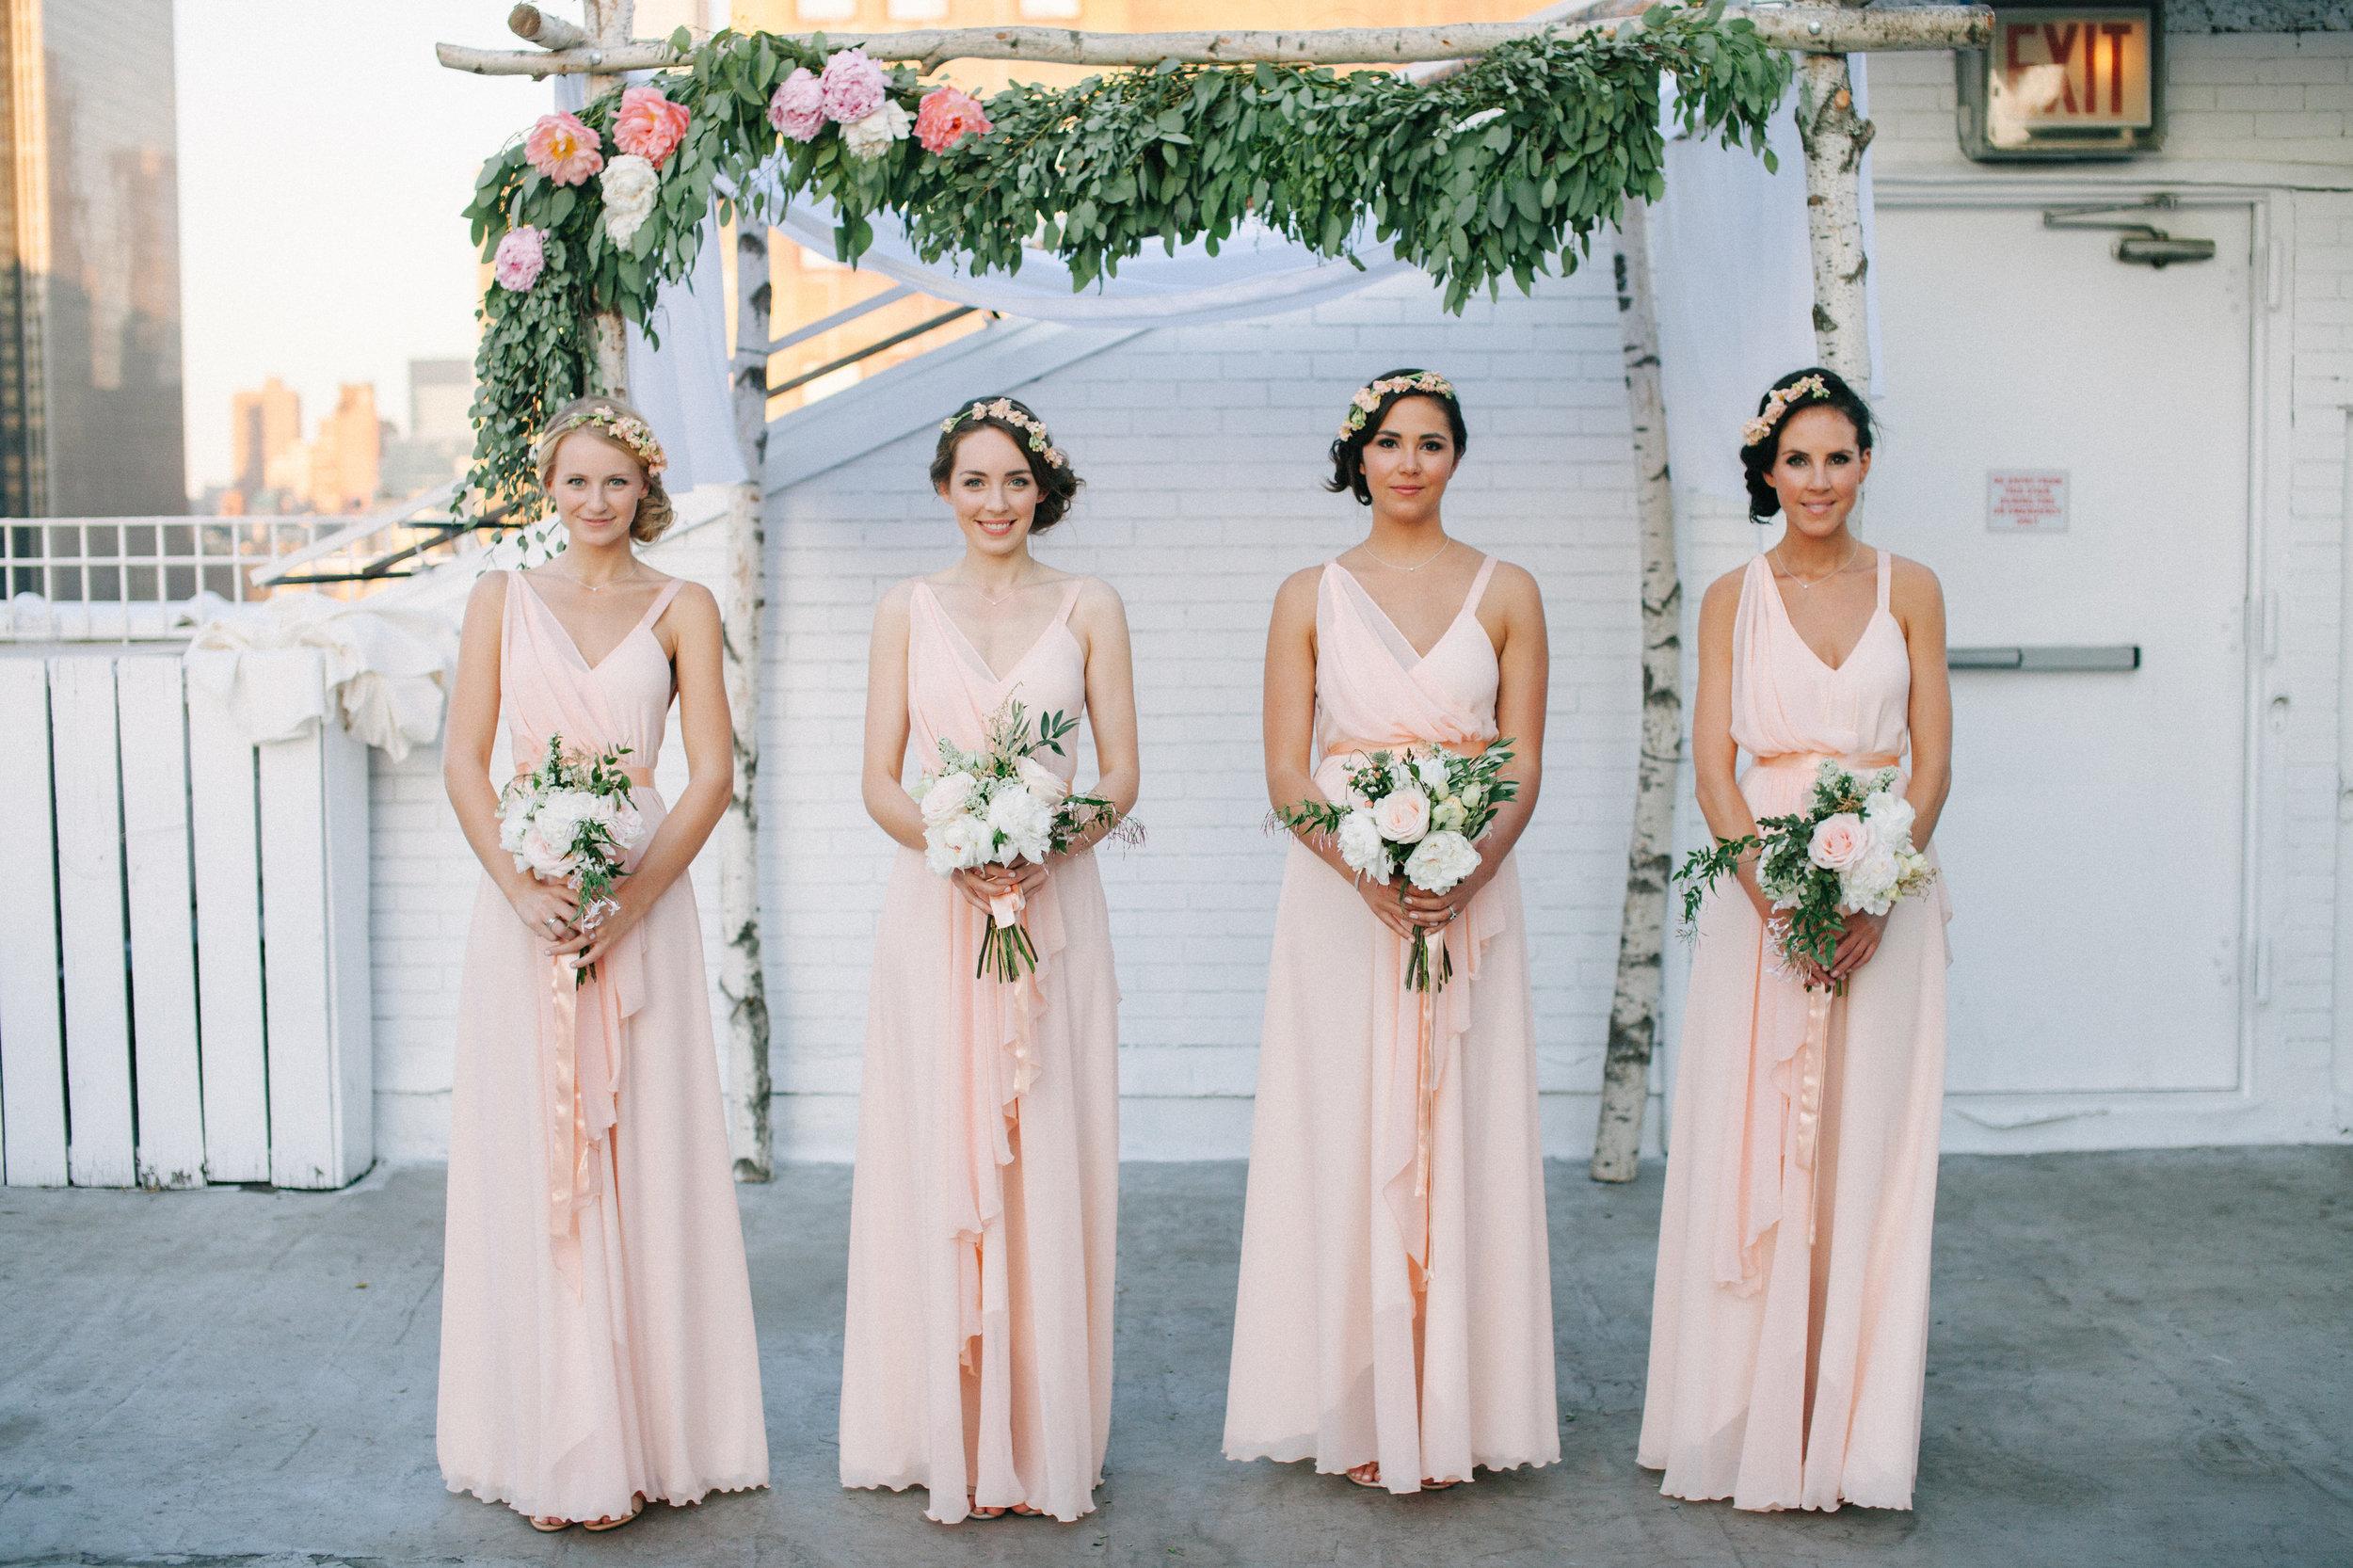 7_Bridal party-0682 copy.jpg